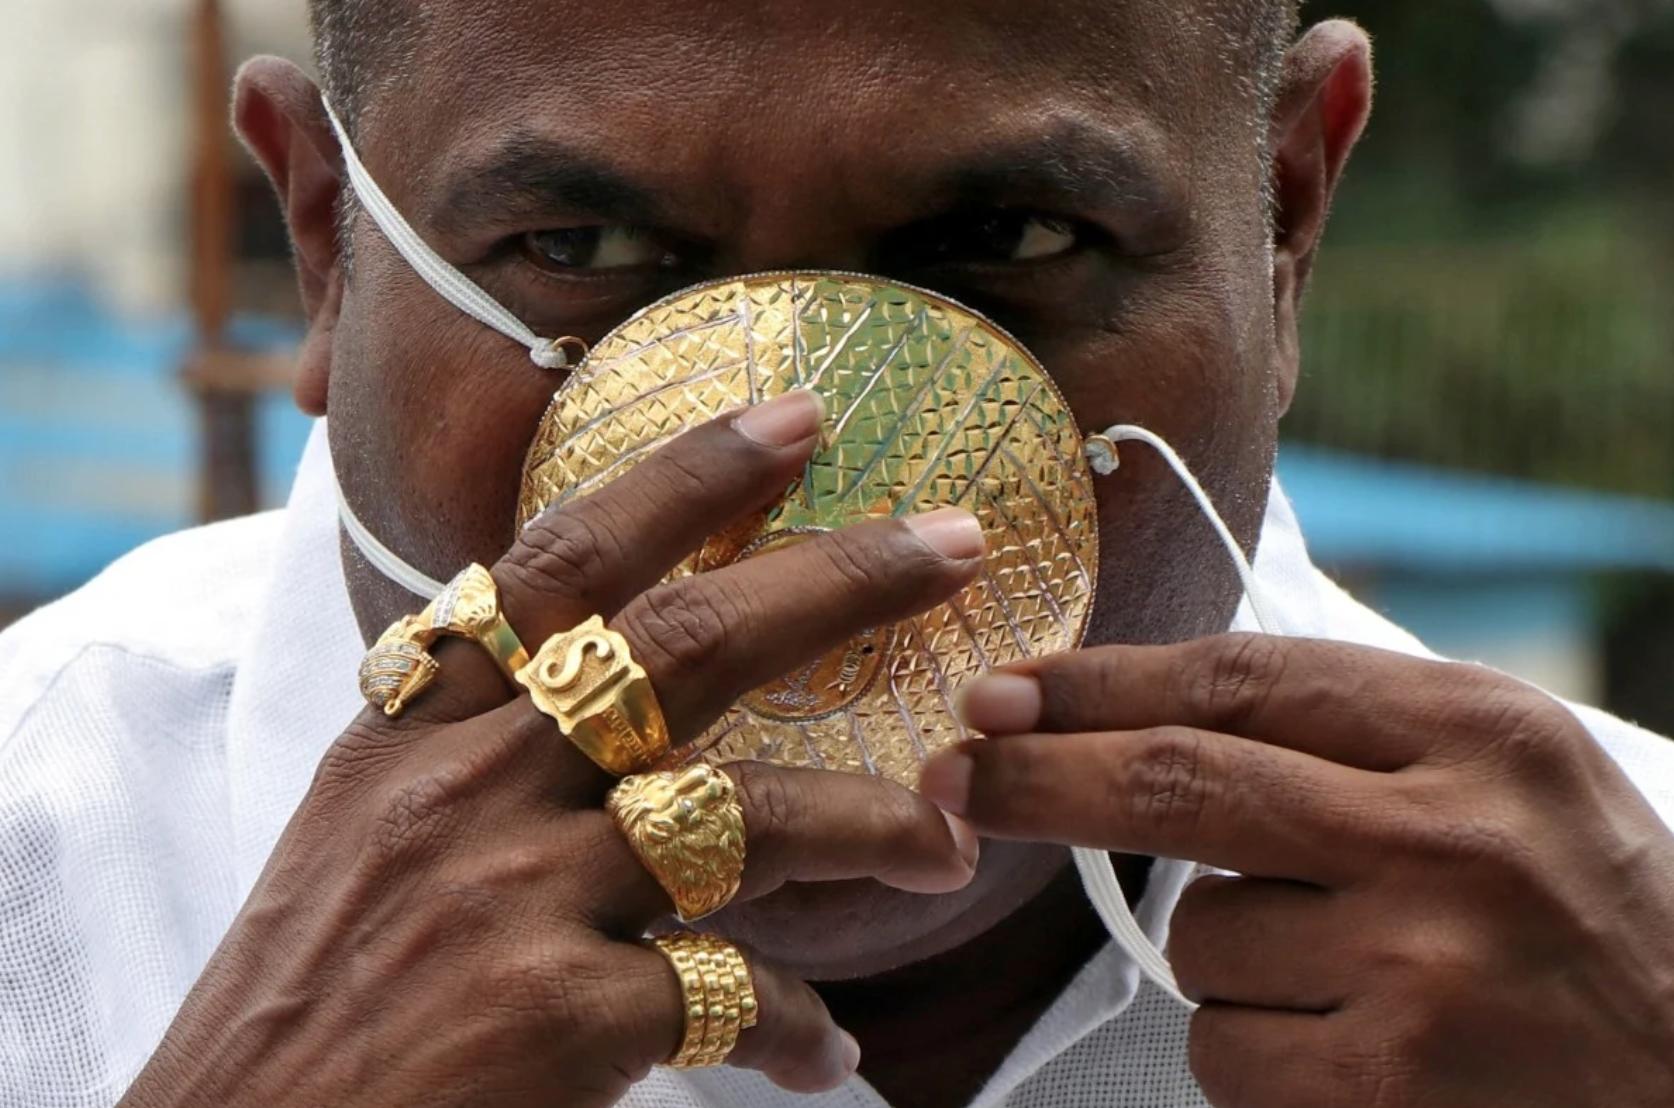 Thương gia Ấn Độ đeo khẩu trang vàng 4,000 Mỹ kim để chống coronavirus